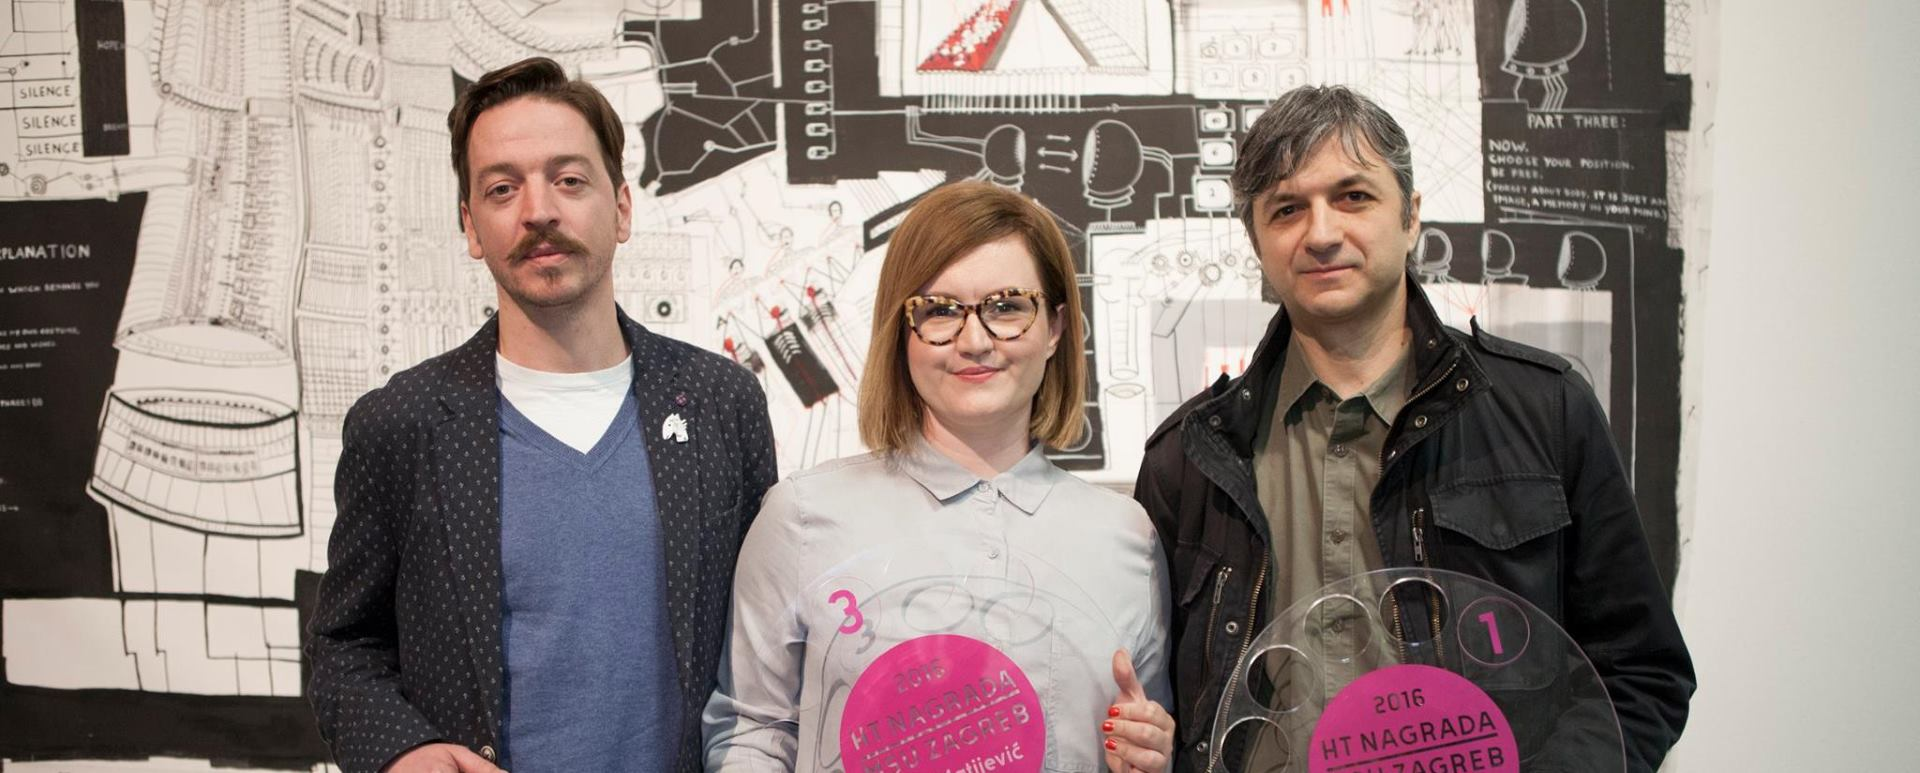 Odabrani pobjednici desete natječajne izložbe HT nagrada za hrvatsku suvremenu umjetnost